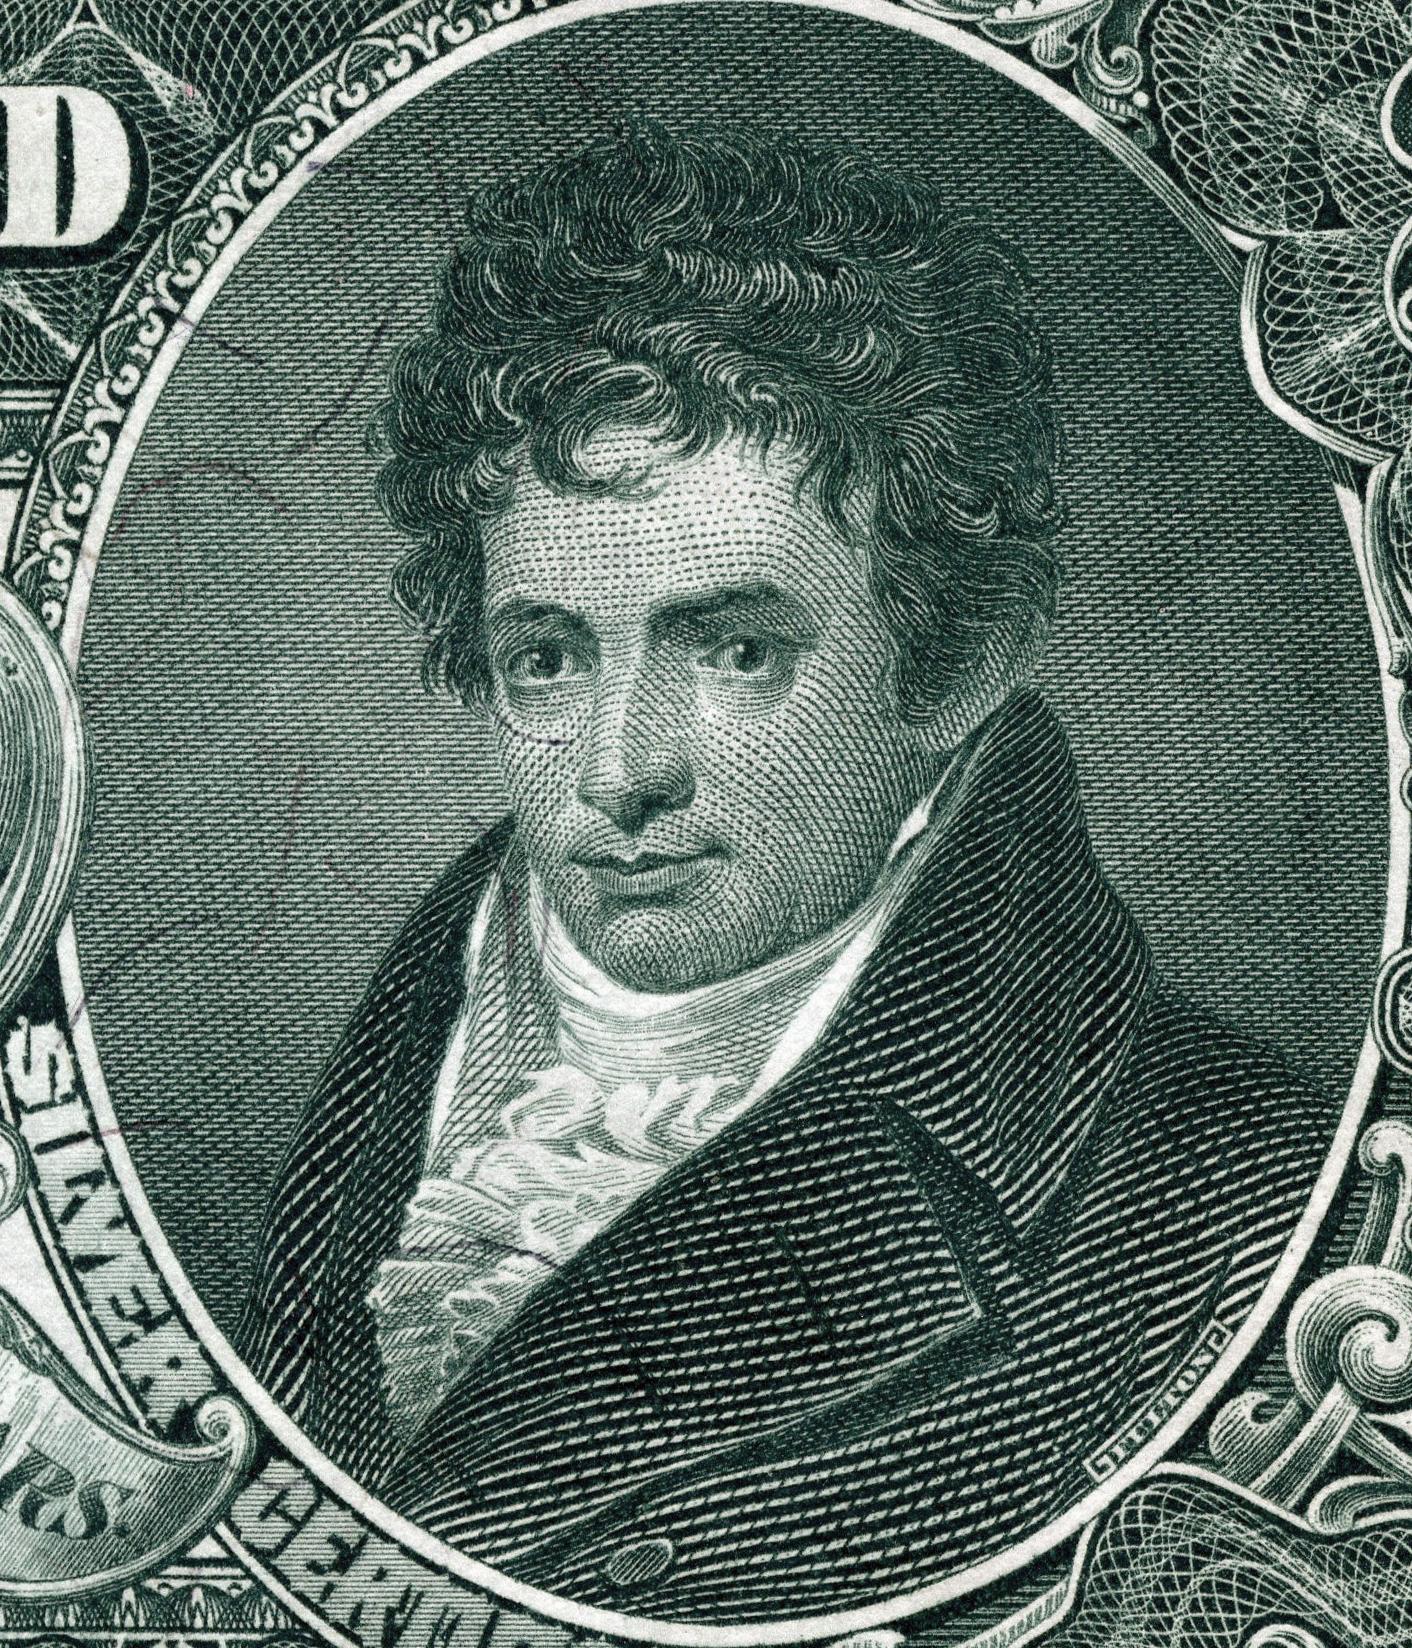 Worksheet Robert Fulton filerobert fulton engraved portrait jpg wikimedia commons jpg